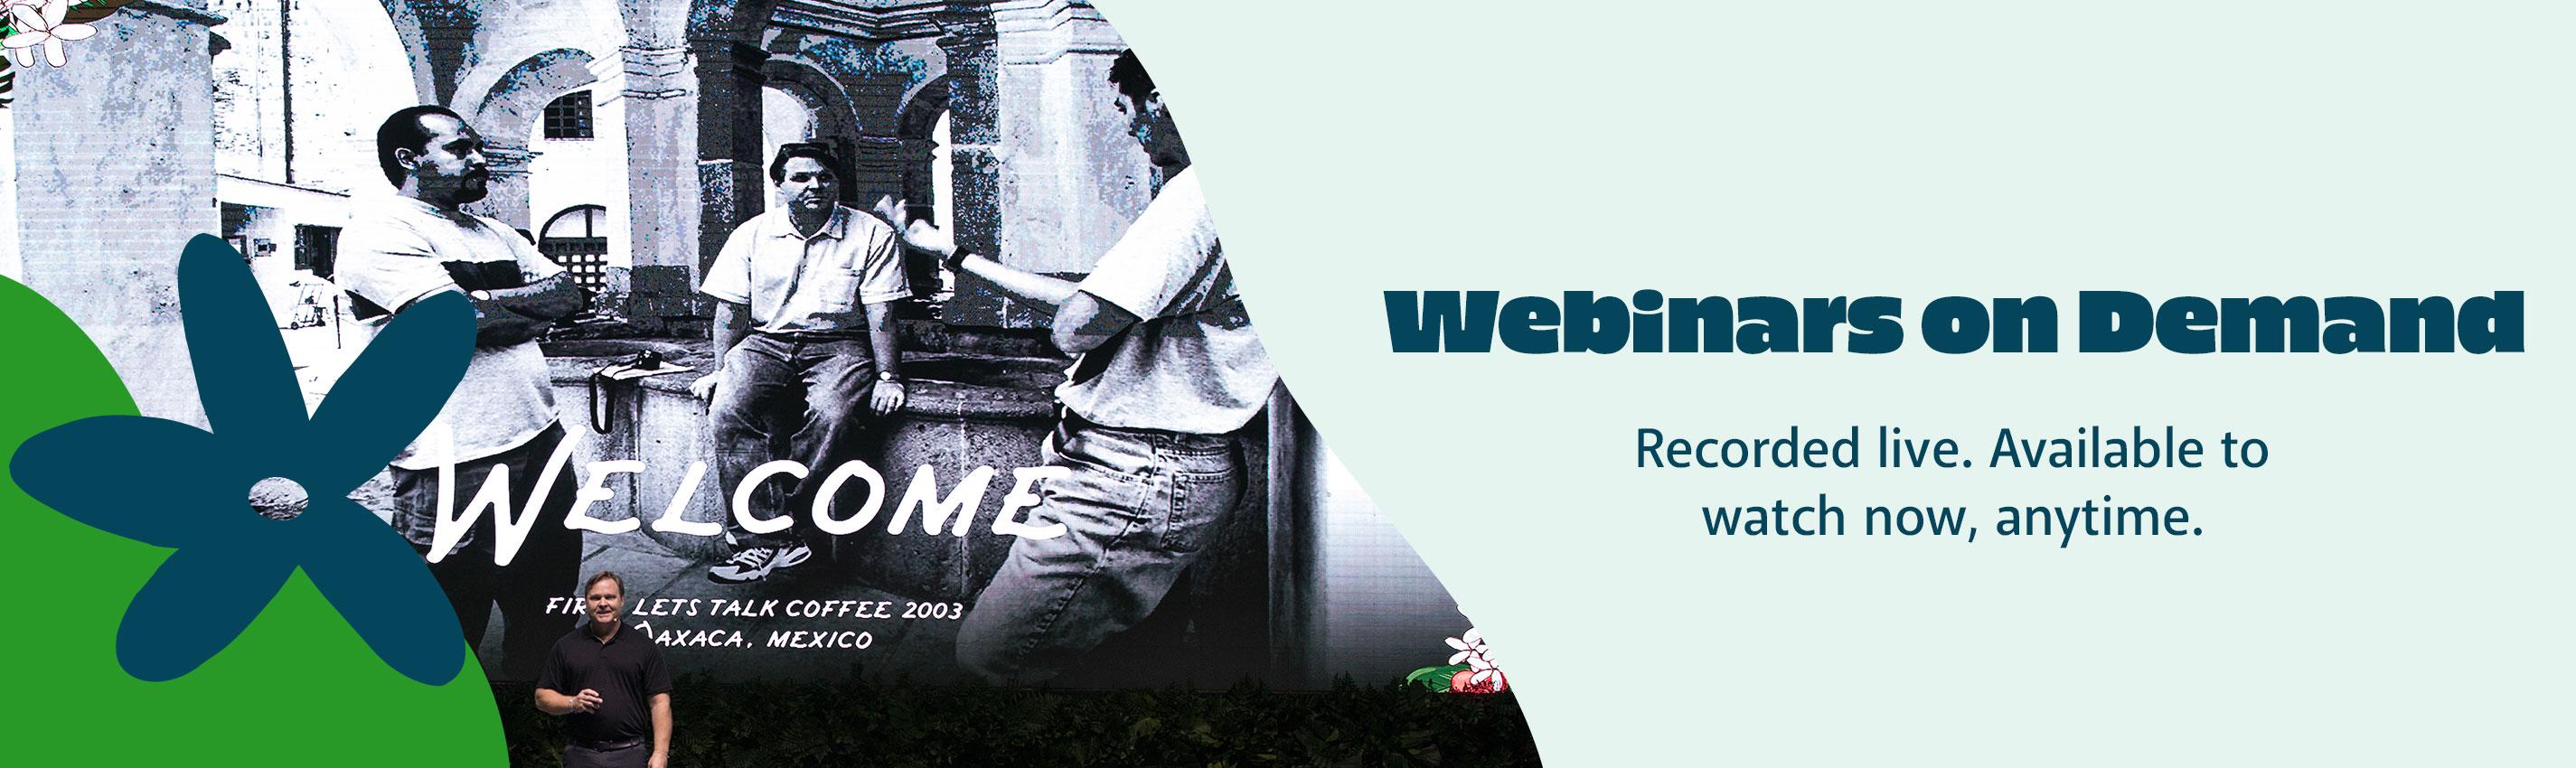 SH_Website_Banners_webinars